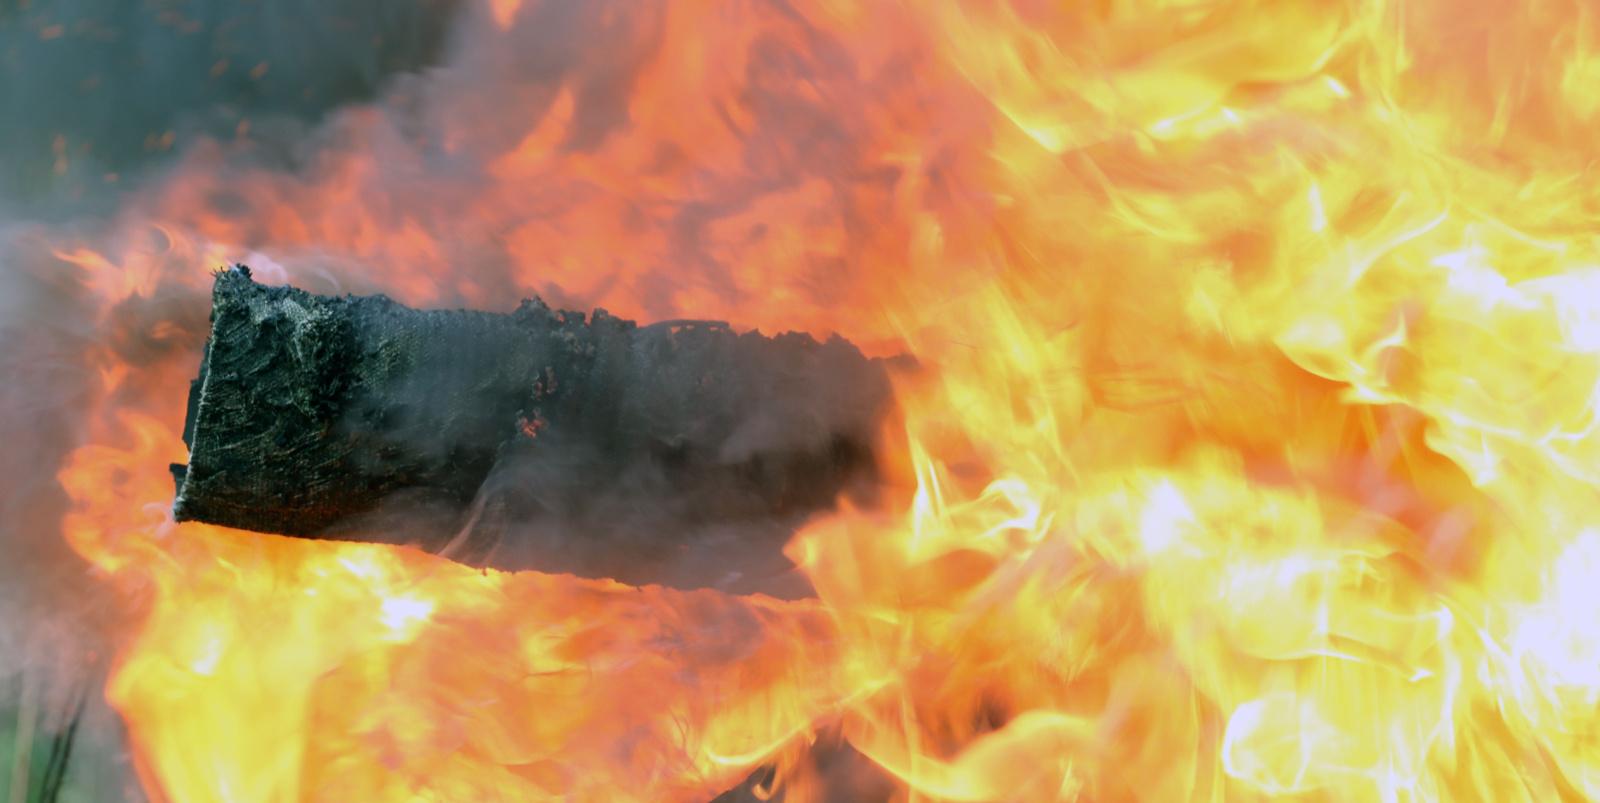 Marijampolės savivaldybėje dega namas